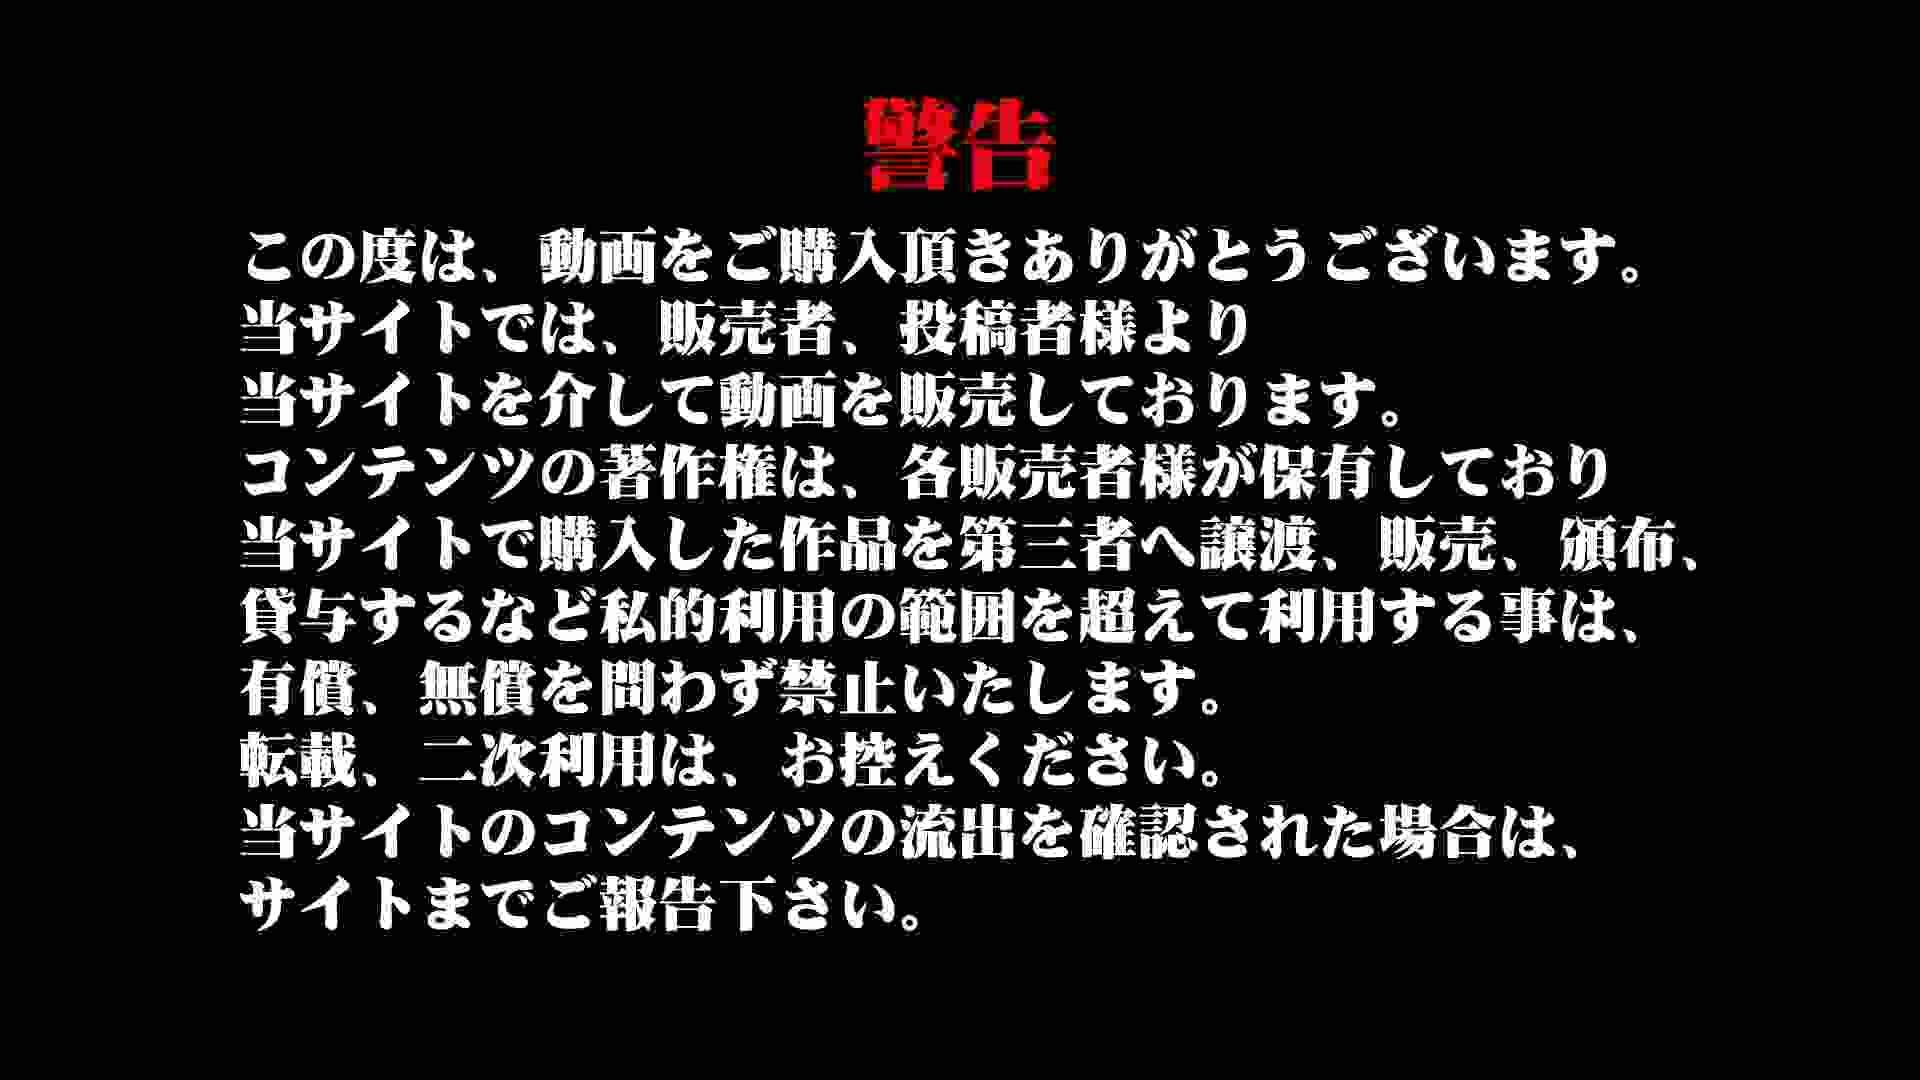 Aquaな露天風呂Vol.927 OLのエロ生活  89連発 3